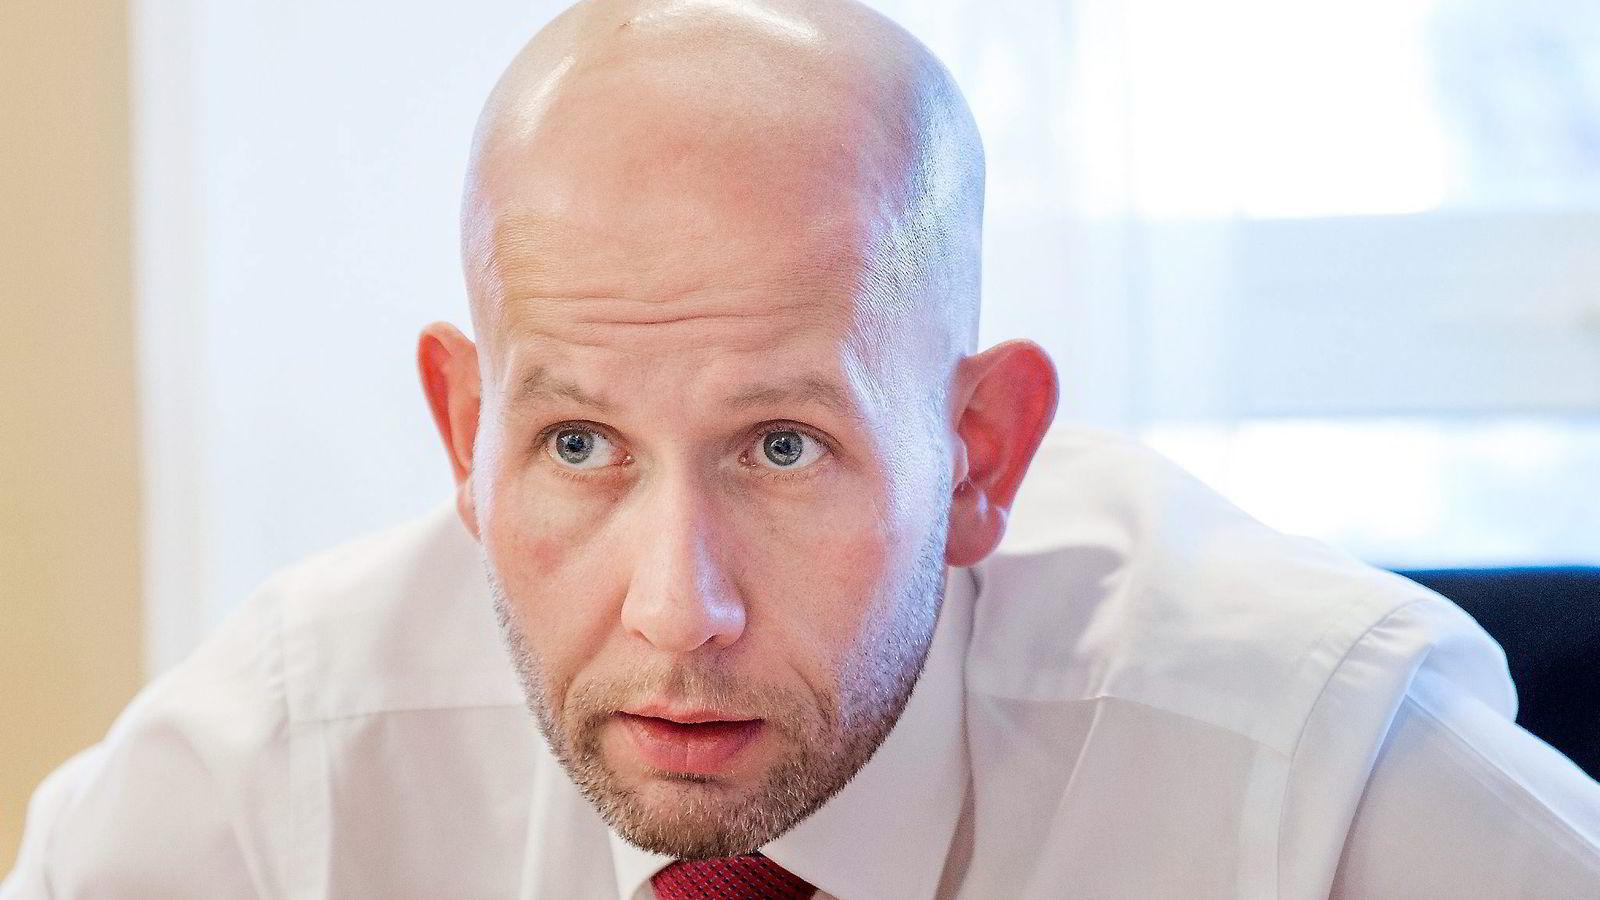 Olje- og energiminister Tord Lien liker ikke vindkraftsubsidiene. Foto: Fredrik Bjerknes